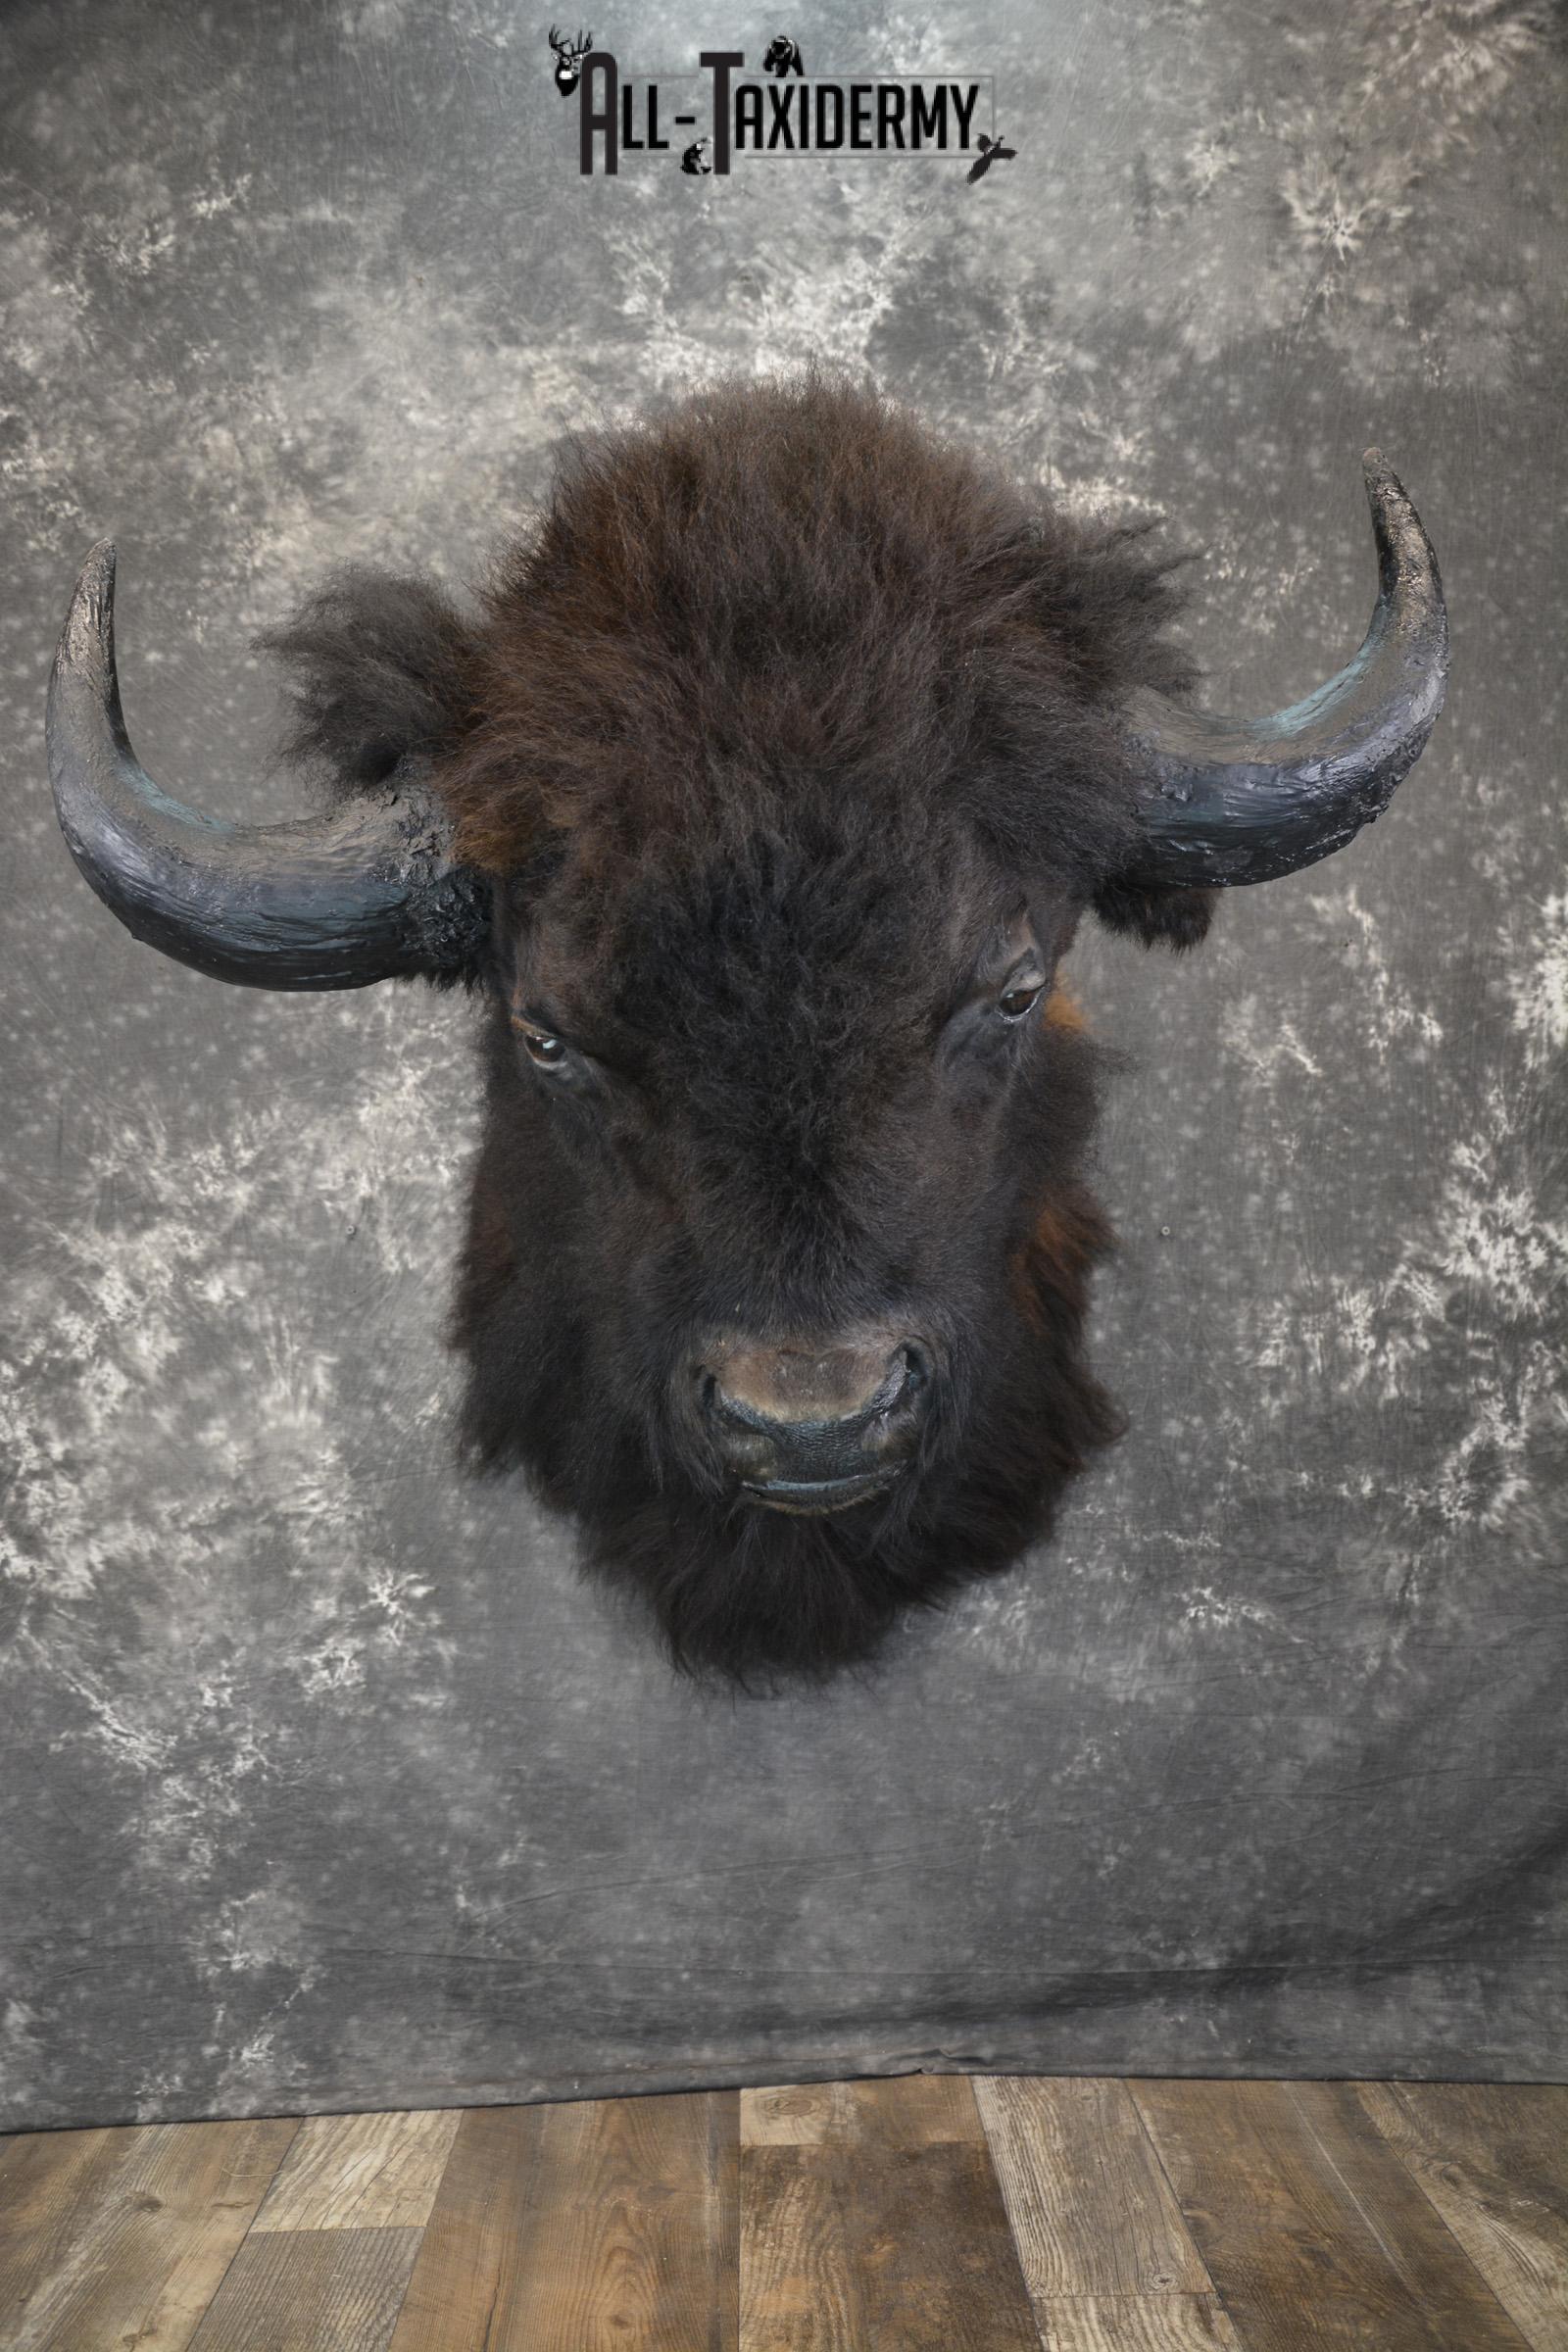 Bison taxidermy shoulder mount for sale SKU 1884